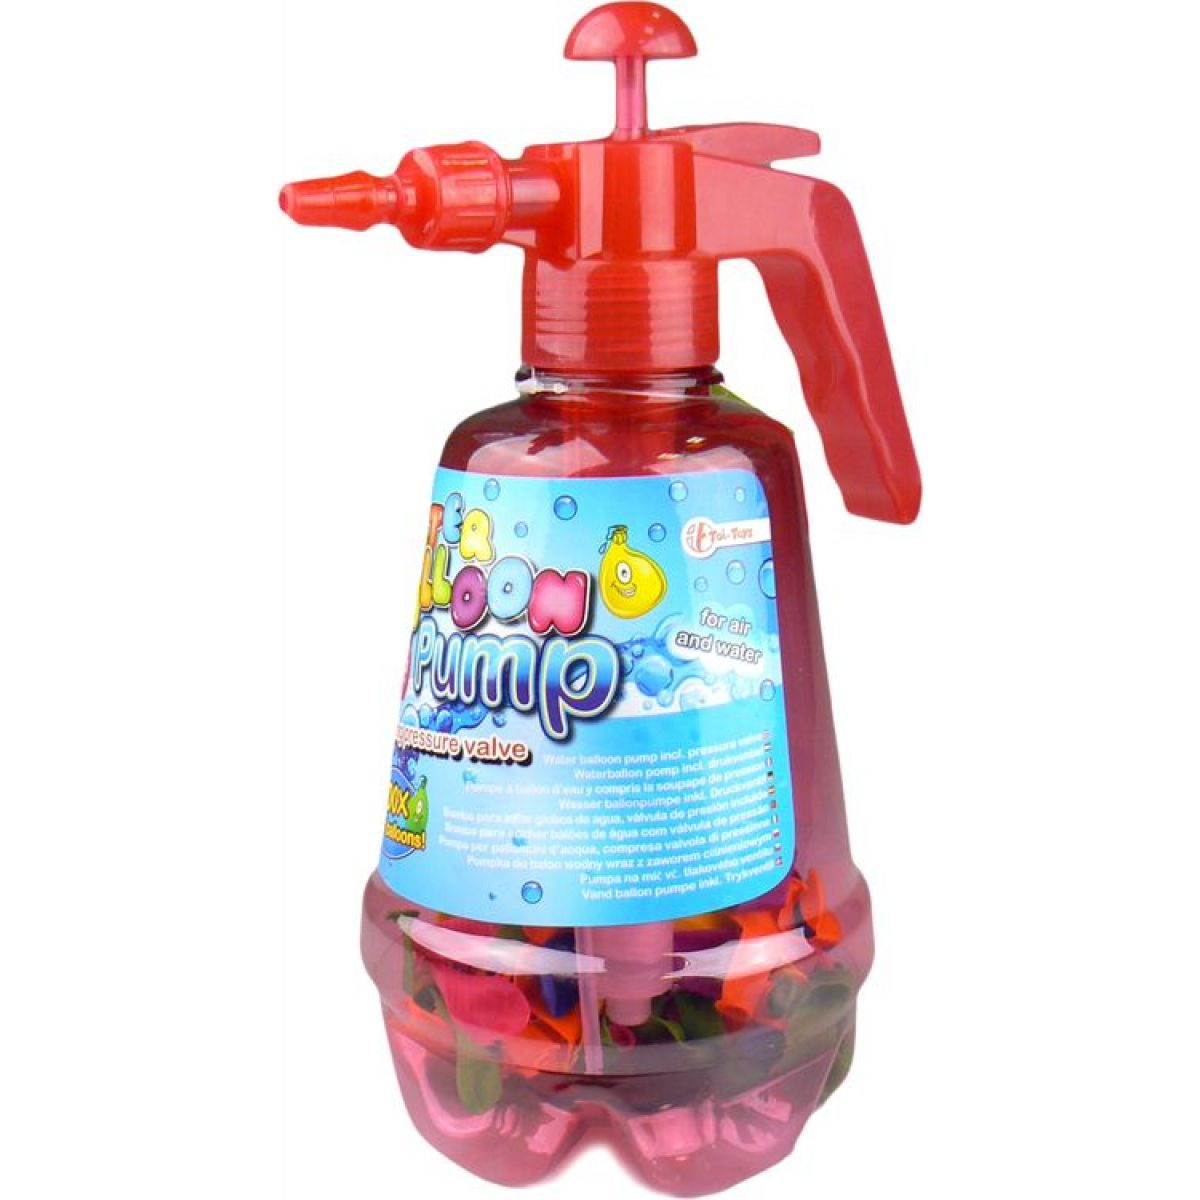 Pumpa a vodní bomby 100ks - Červená